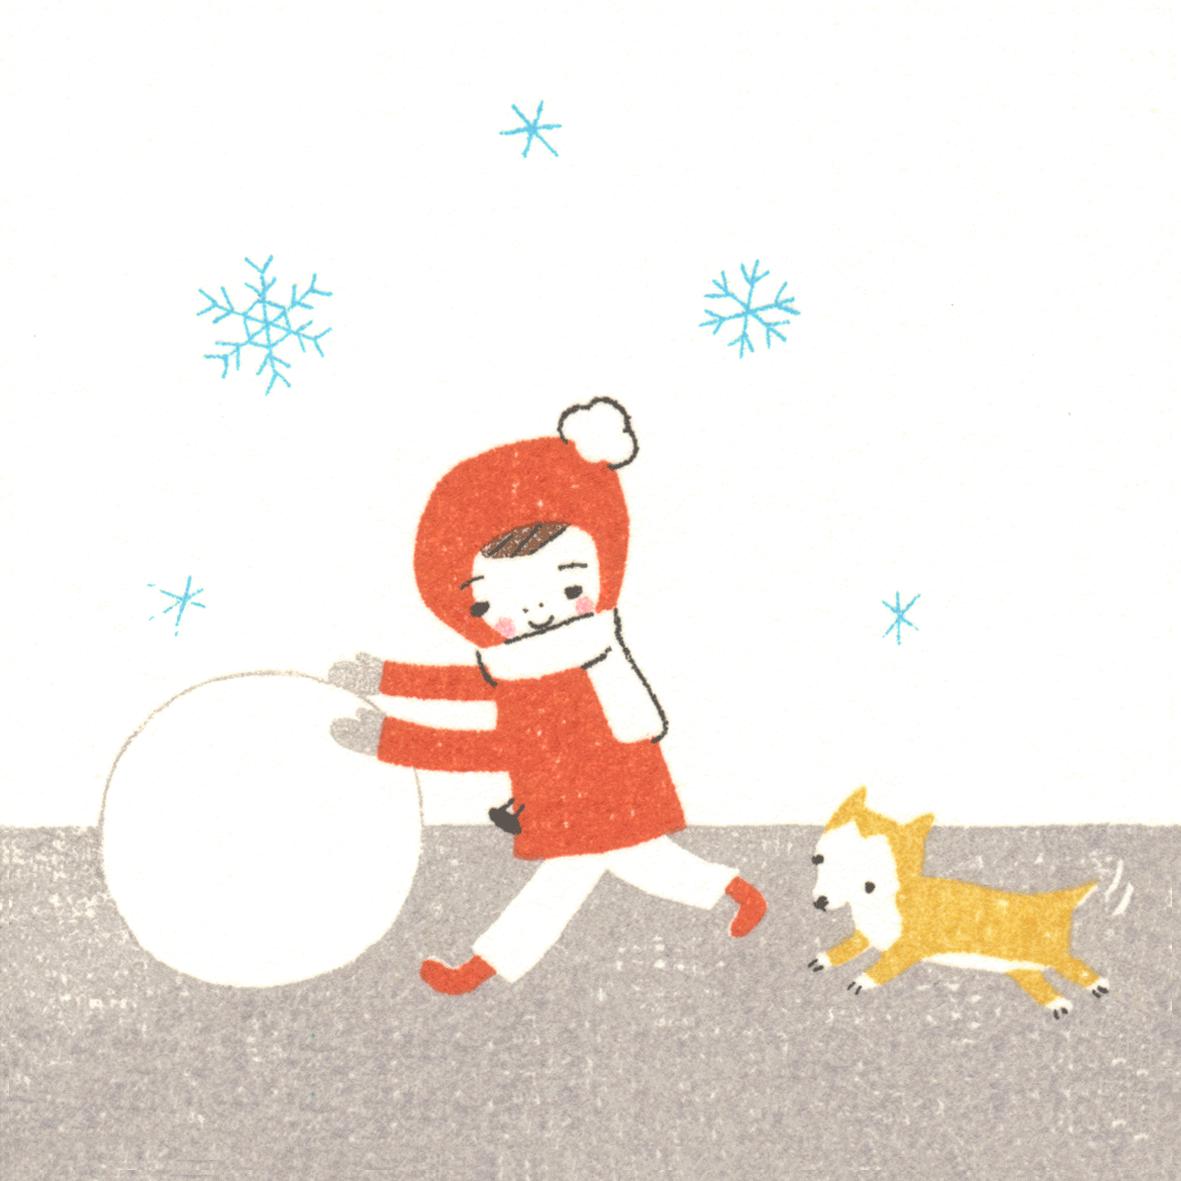 冬、雪だるまを作る女の子と犬の背景イラスト正方形